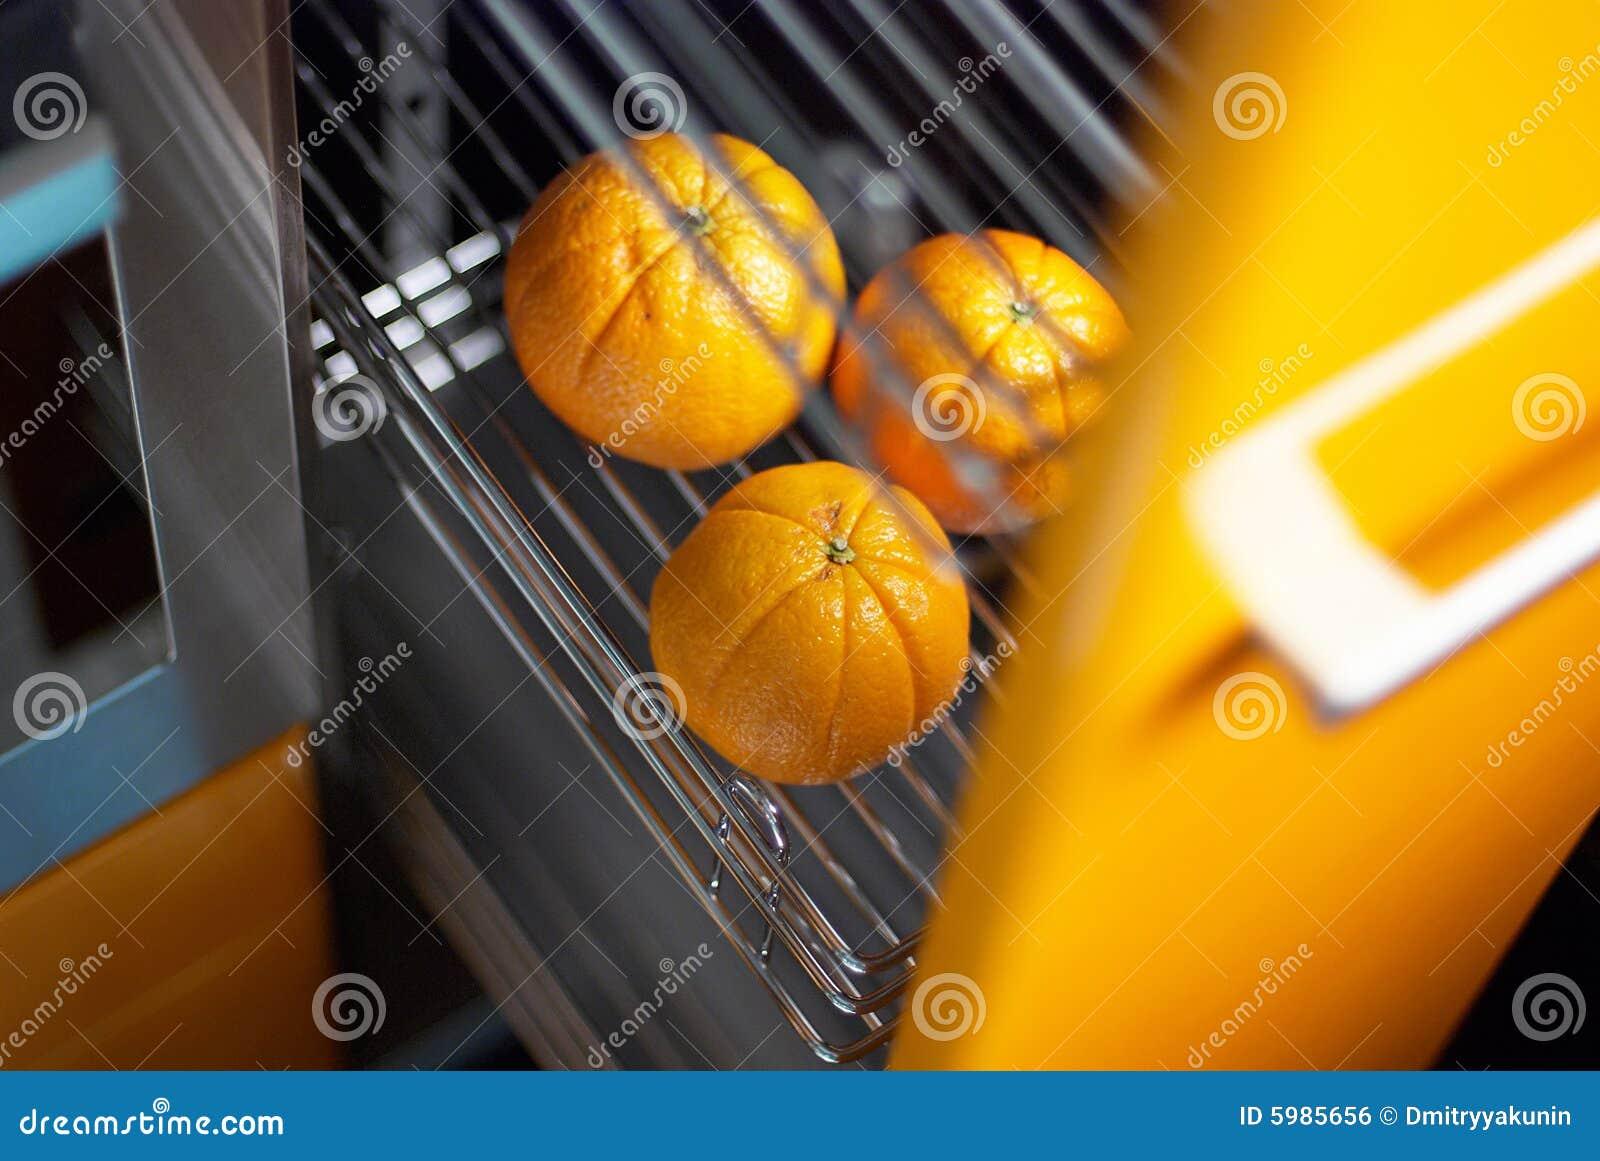 Naranja en cocina en refrigerador imagen de archivo libre for Cocina y refrigerador juntos